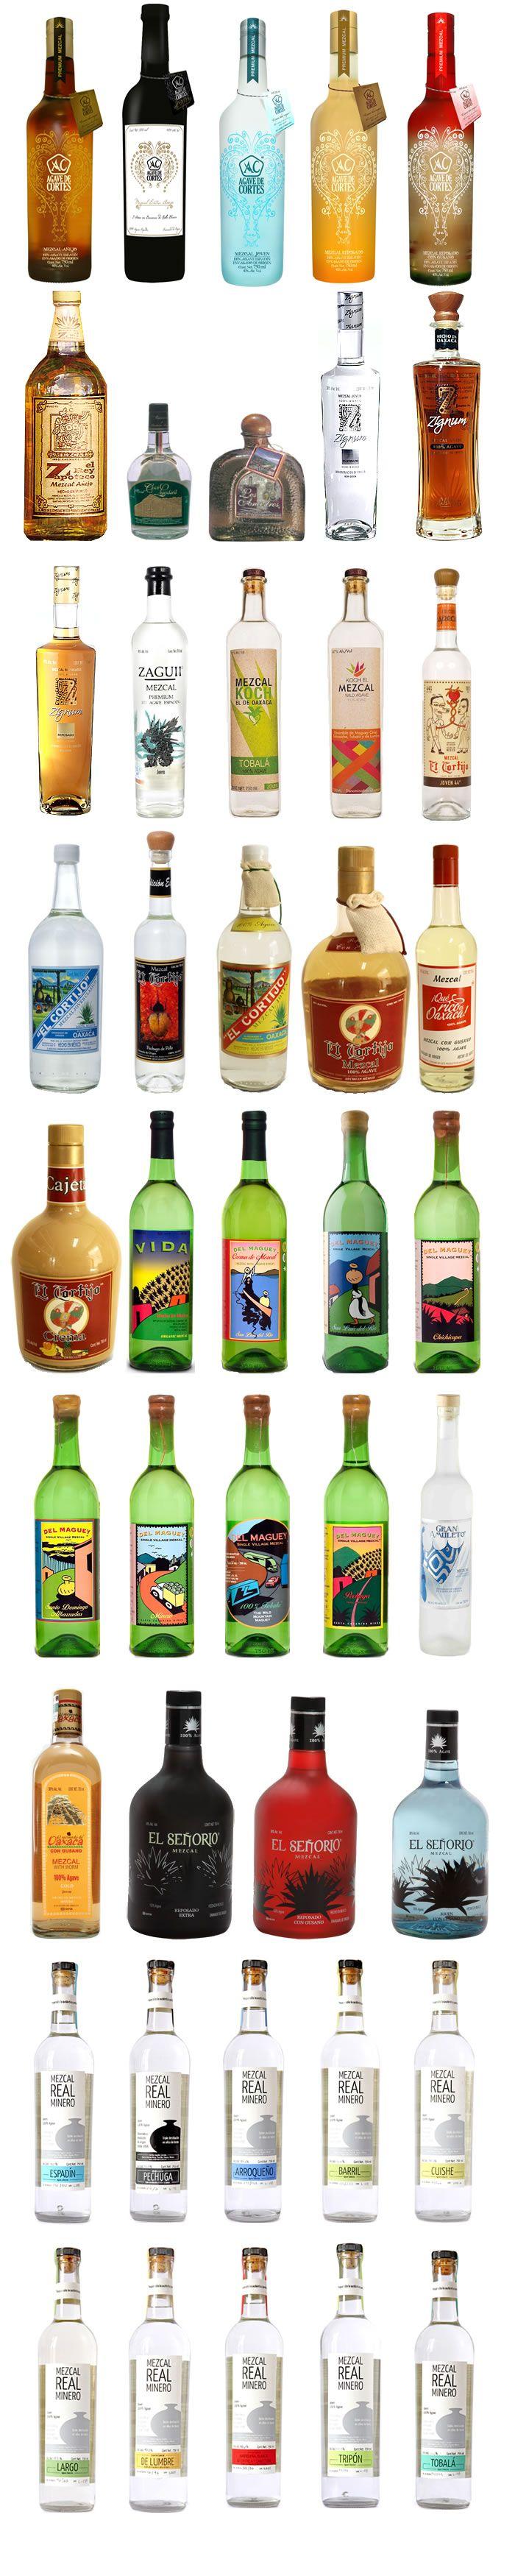 M s de 1000 ideas sobre mezcal en pinterest vodka marcas - Candy candy diva futura ...